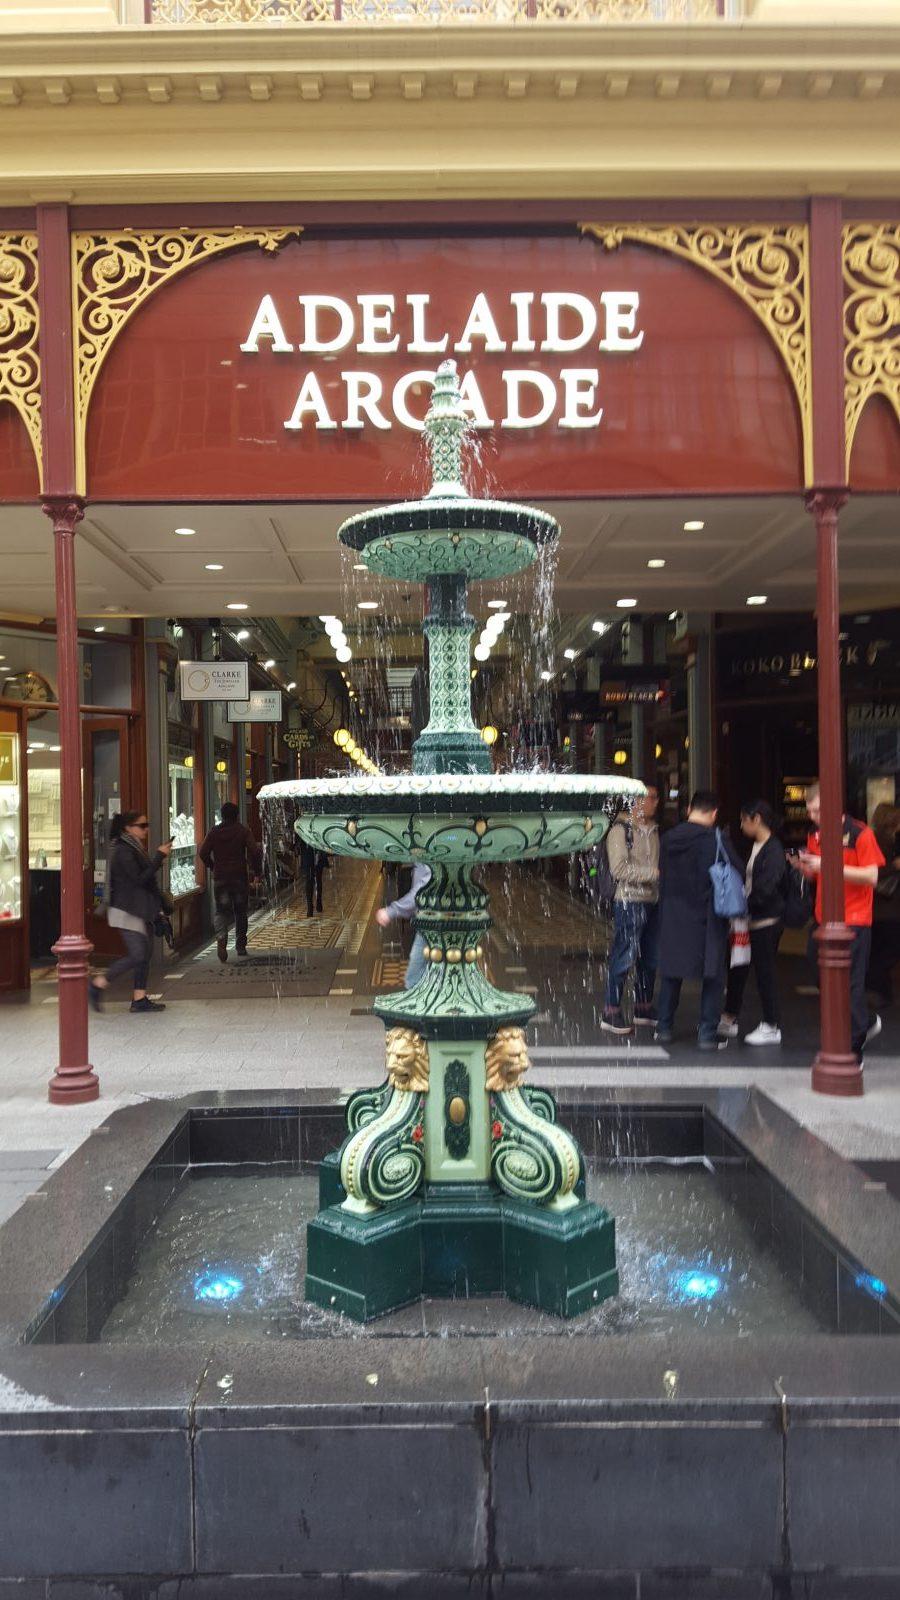 Adelaide Arcade Grenfell Street